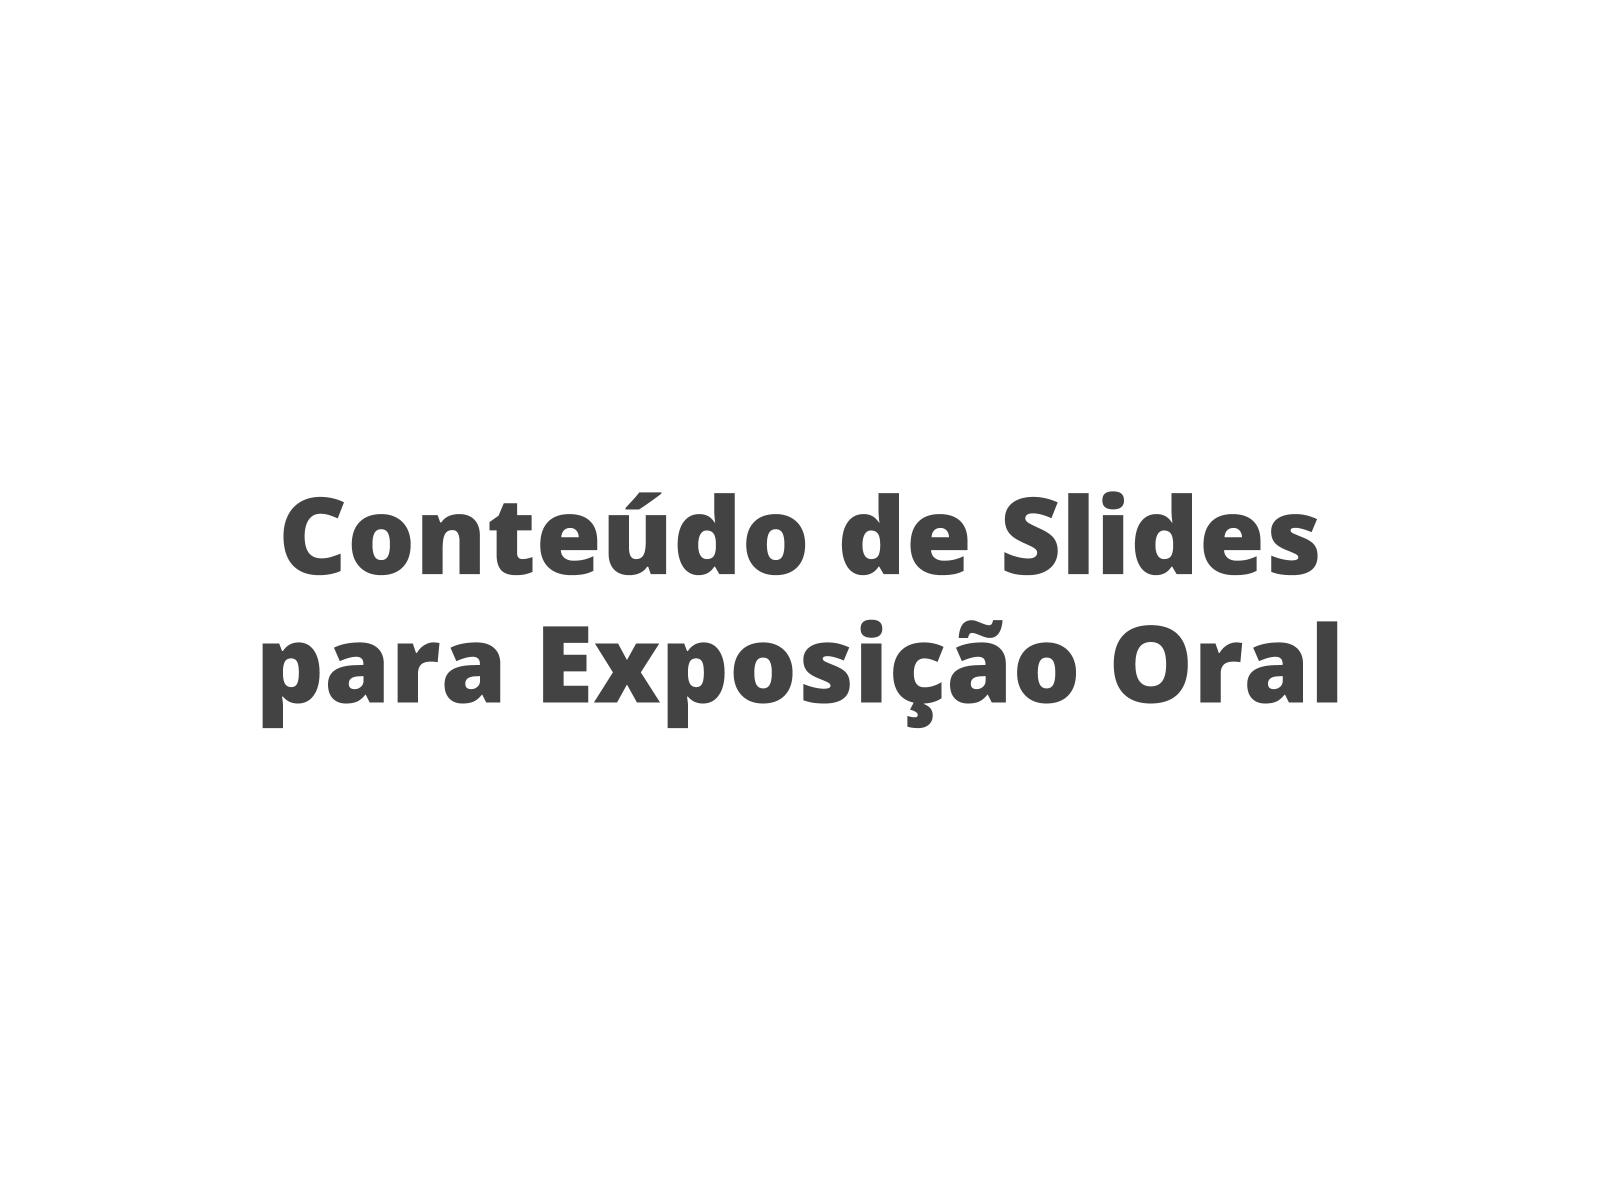 Conteúdo de Slides para Exposição Oral